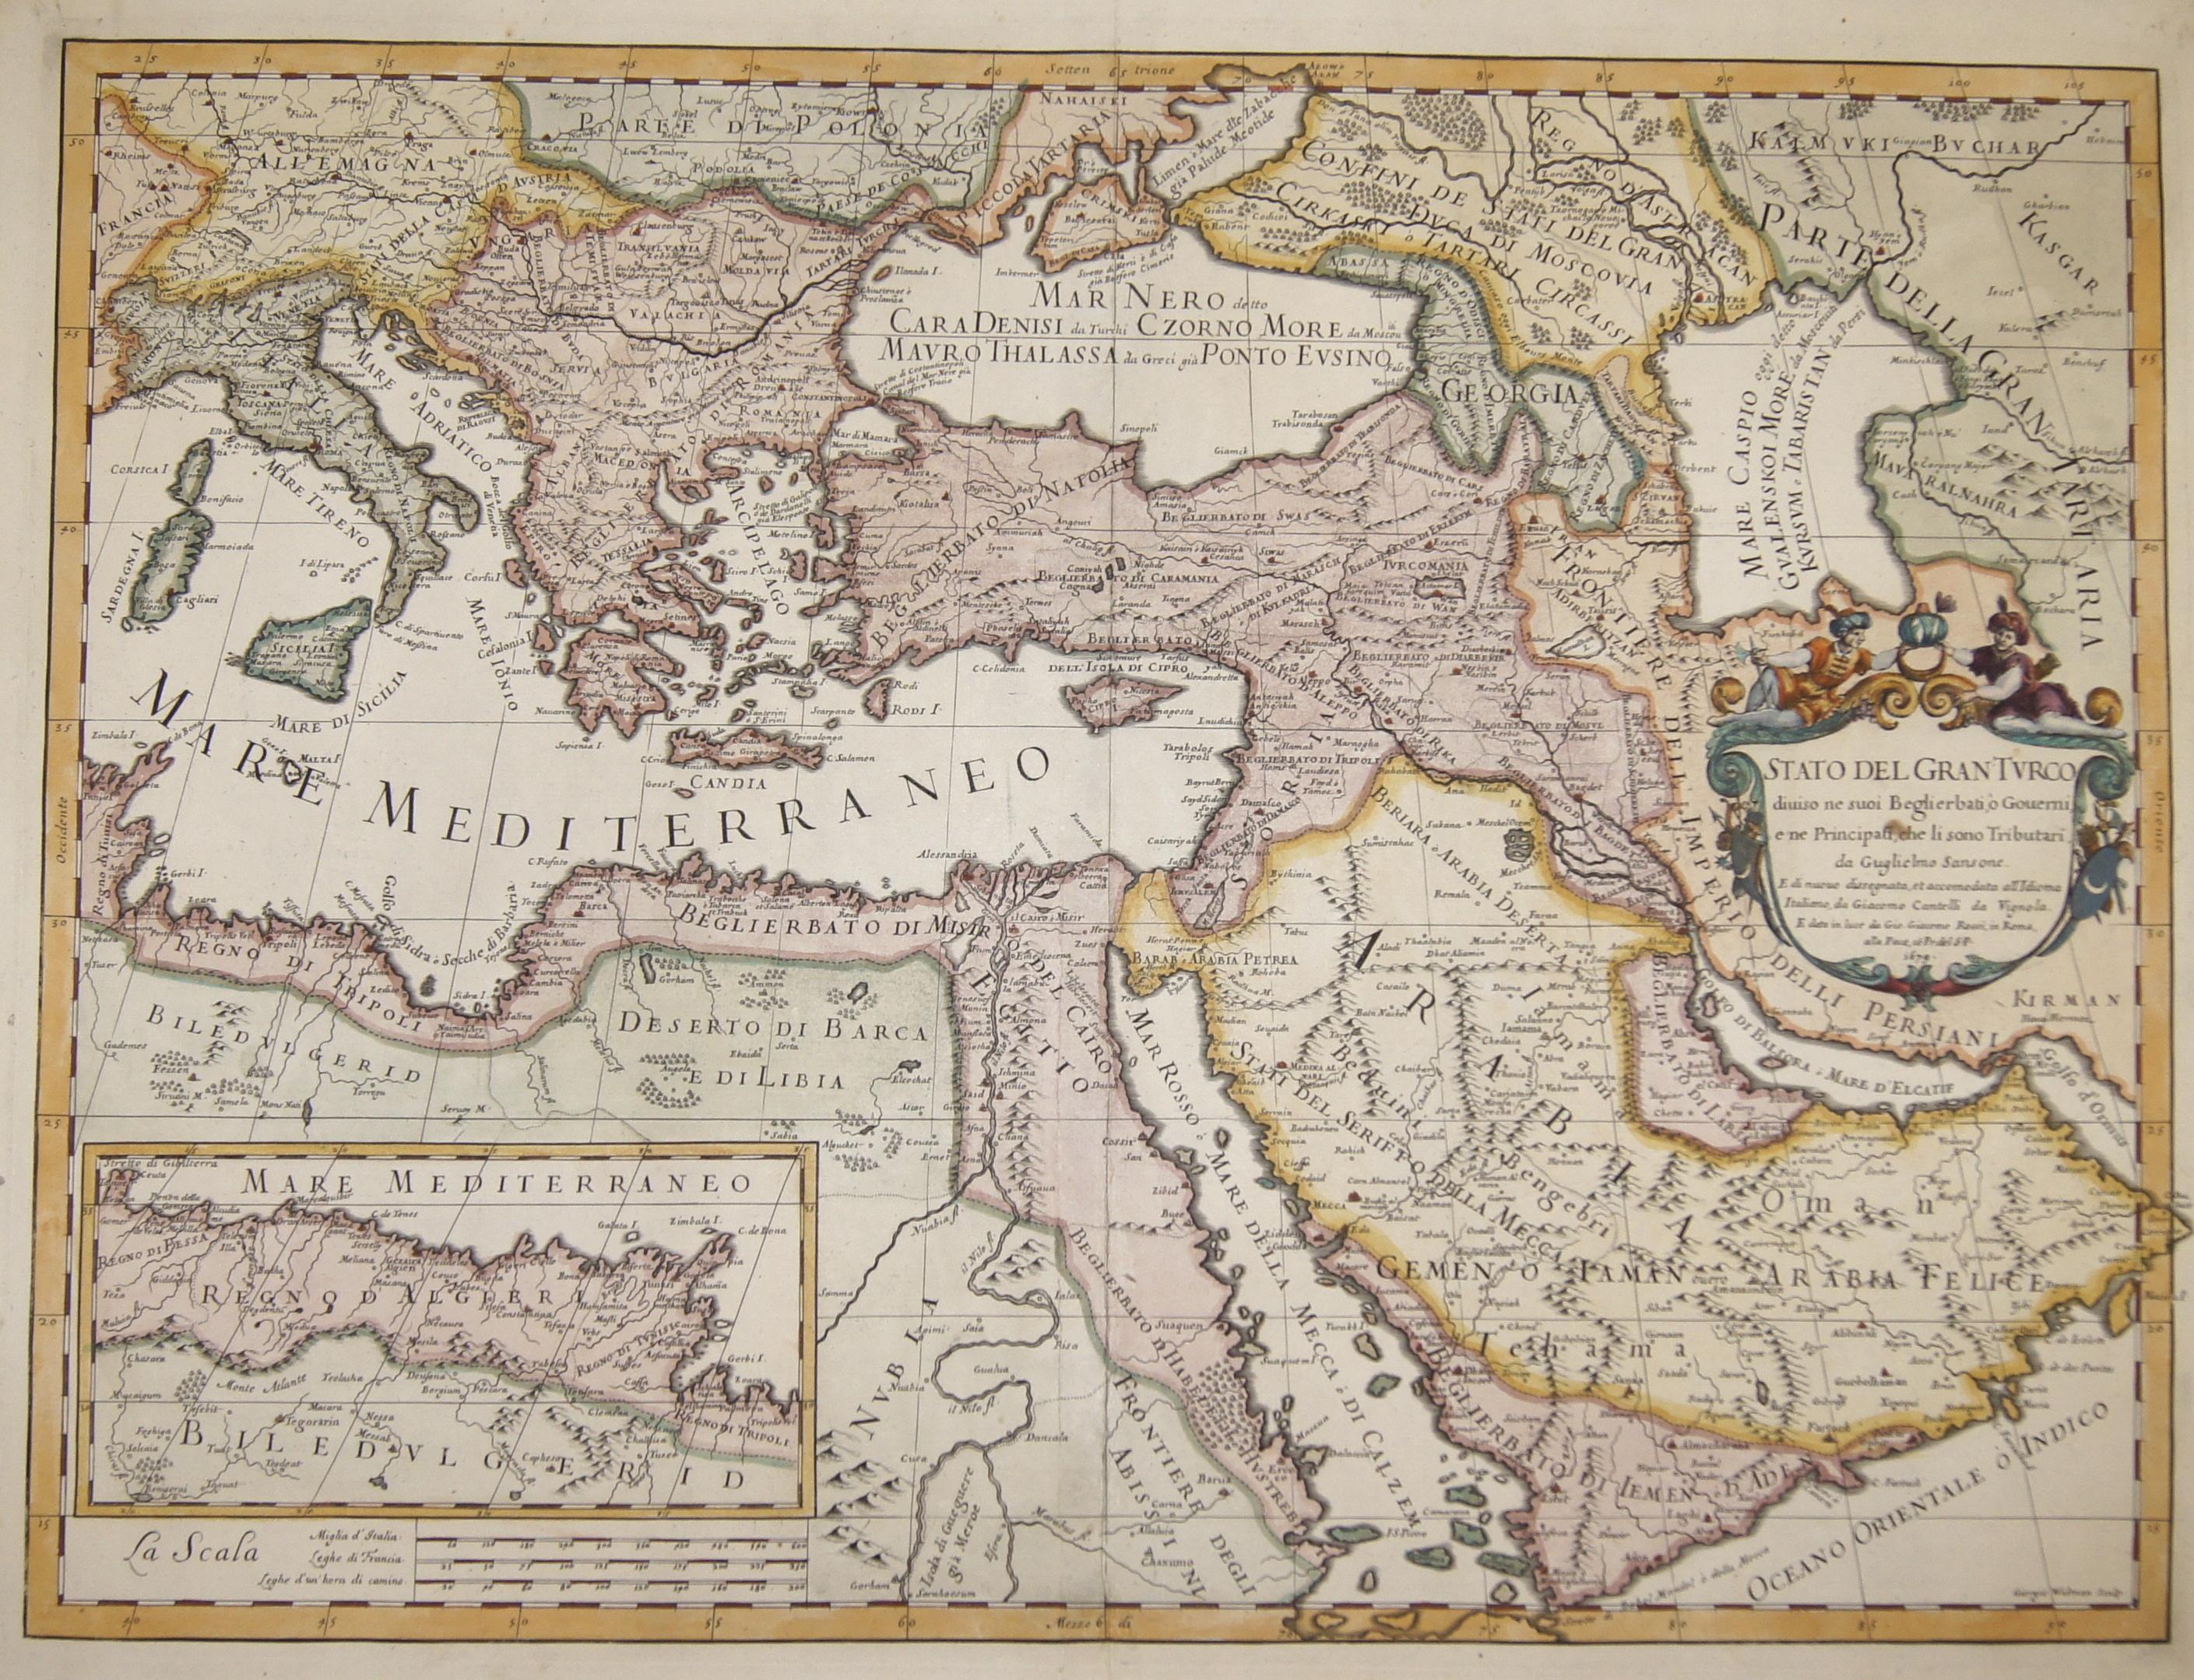 Cantelli da Vignola/Rossi G. / G. G. Stato del Gran Turco diviso ne suoi Beglierbati, ò Gouerni, e ne Principati, che li sono Tributar,…